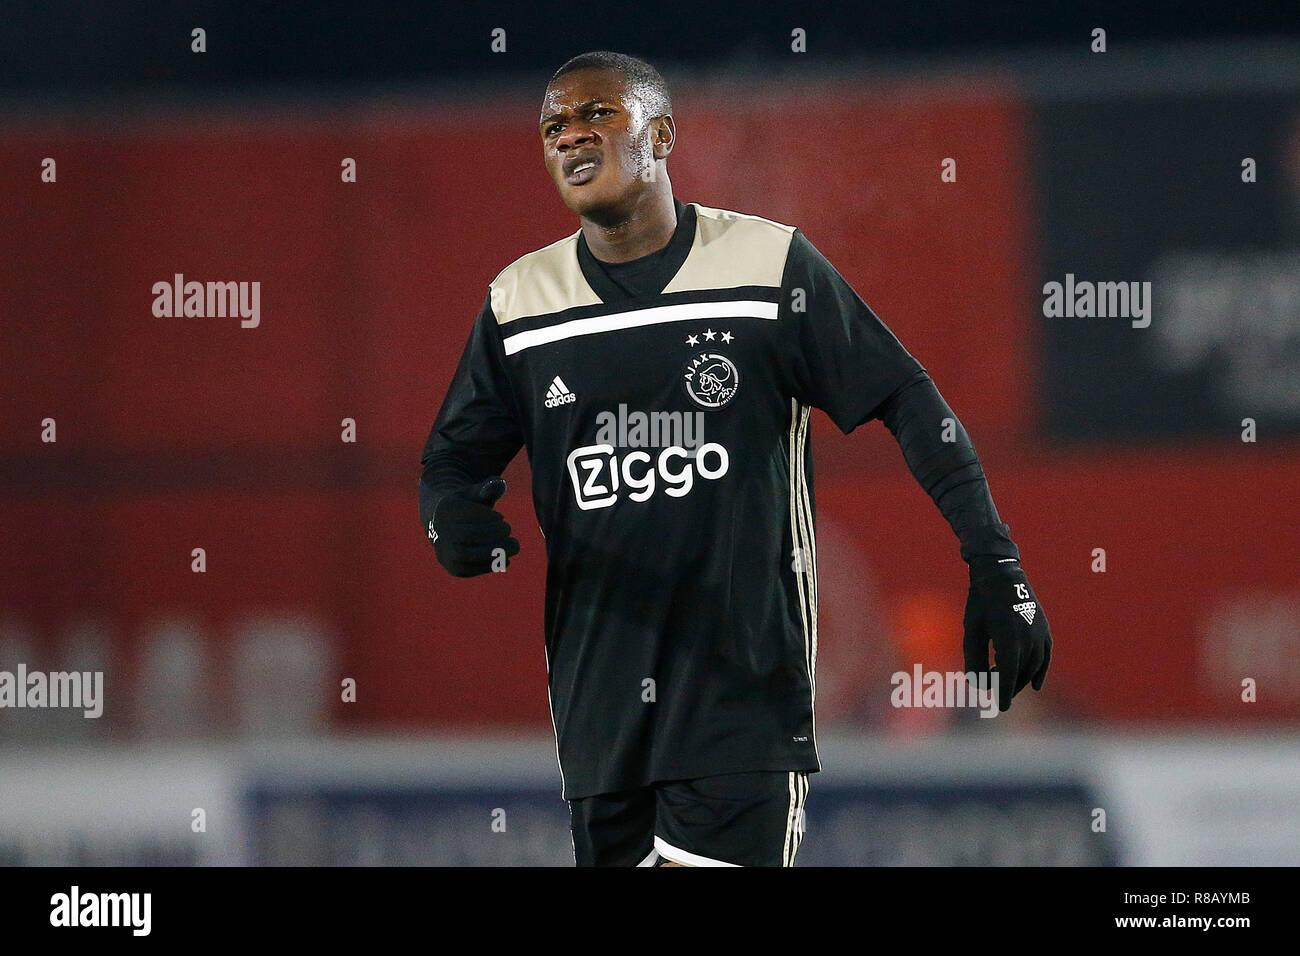 Keuken Kampioen Almere : Almere yanmar stadium season  dutch